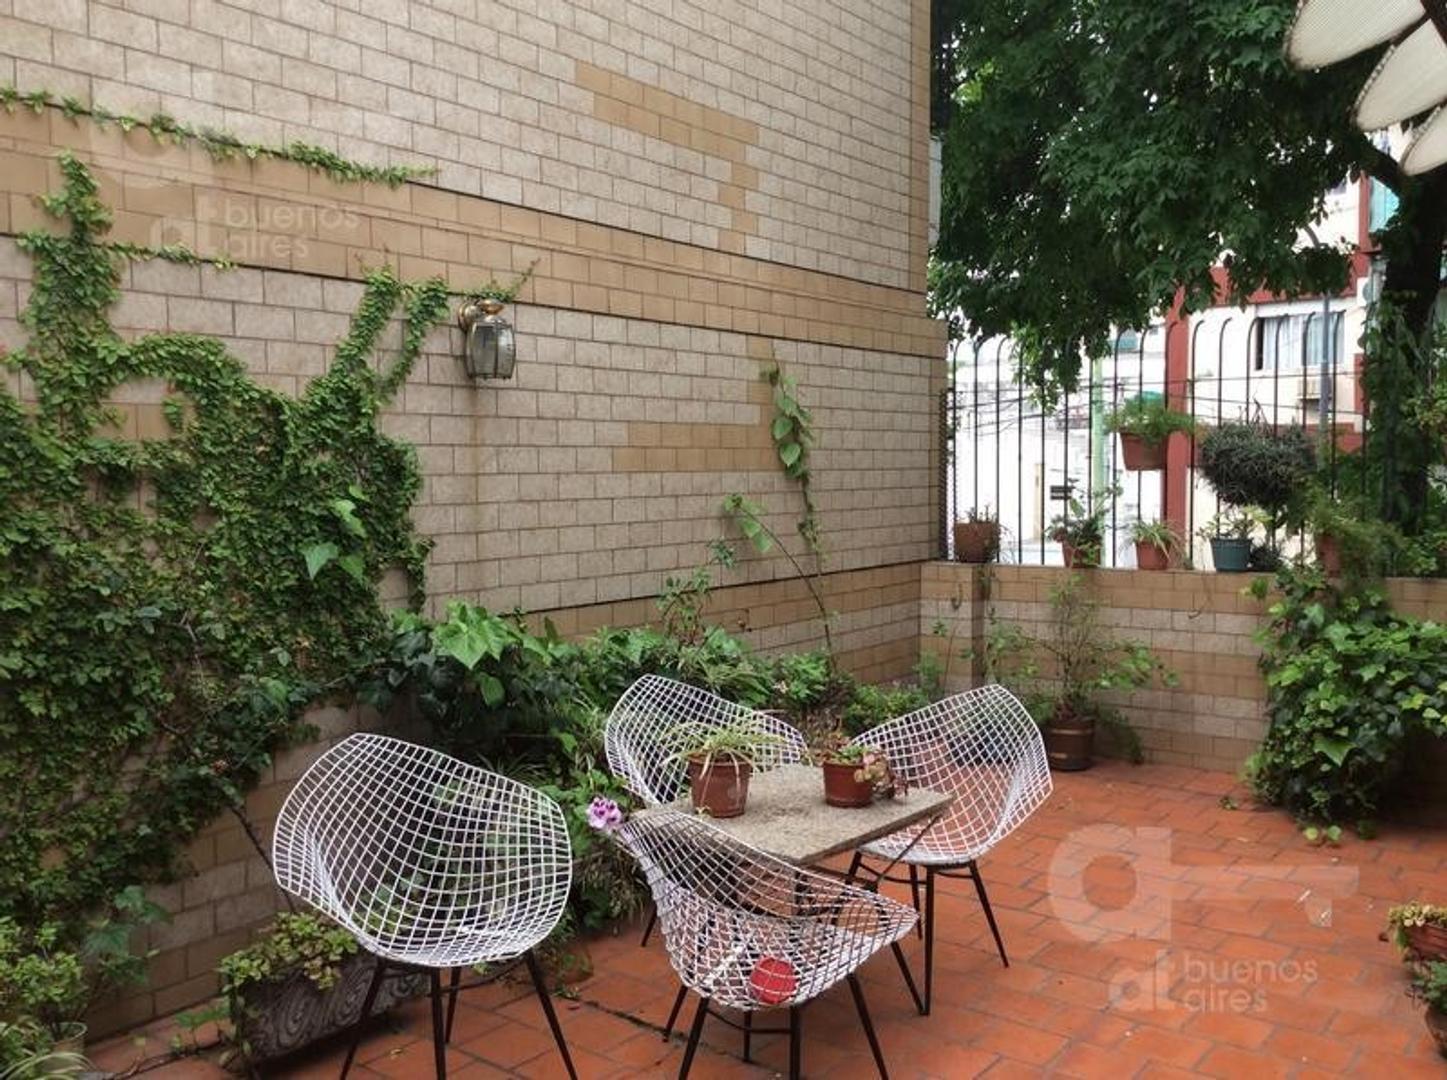 Casa, 5 ambientes, Alquiler temporario sin garantía.